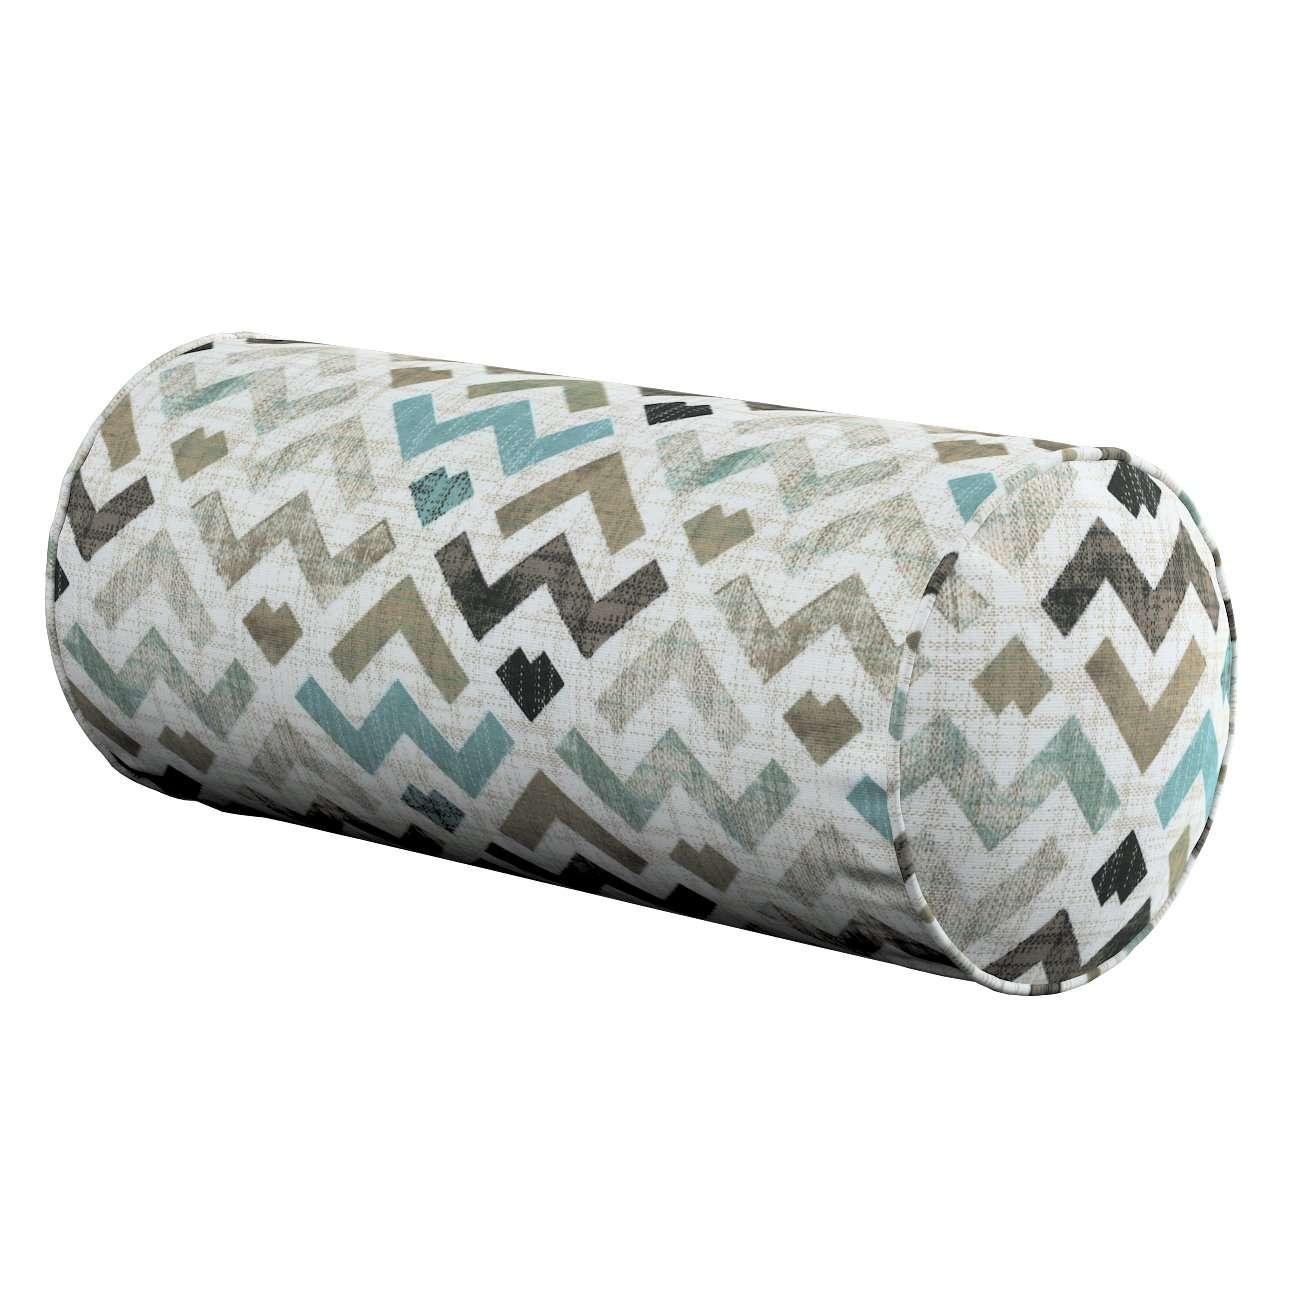 Poduszka wałek prosty w kolekcji Modern, tkanina: 141-93